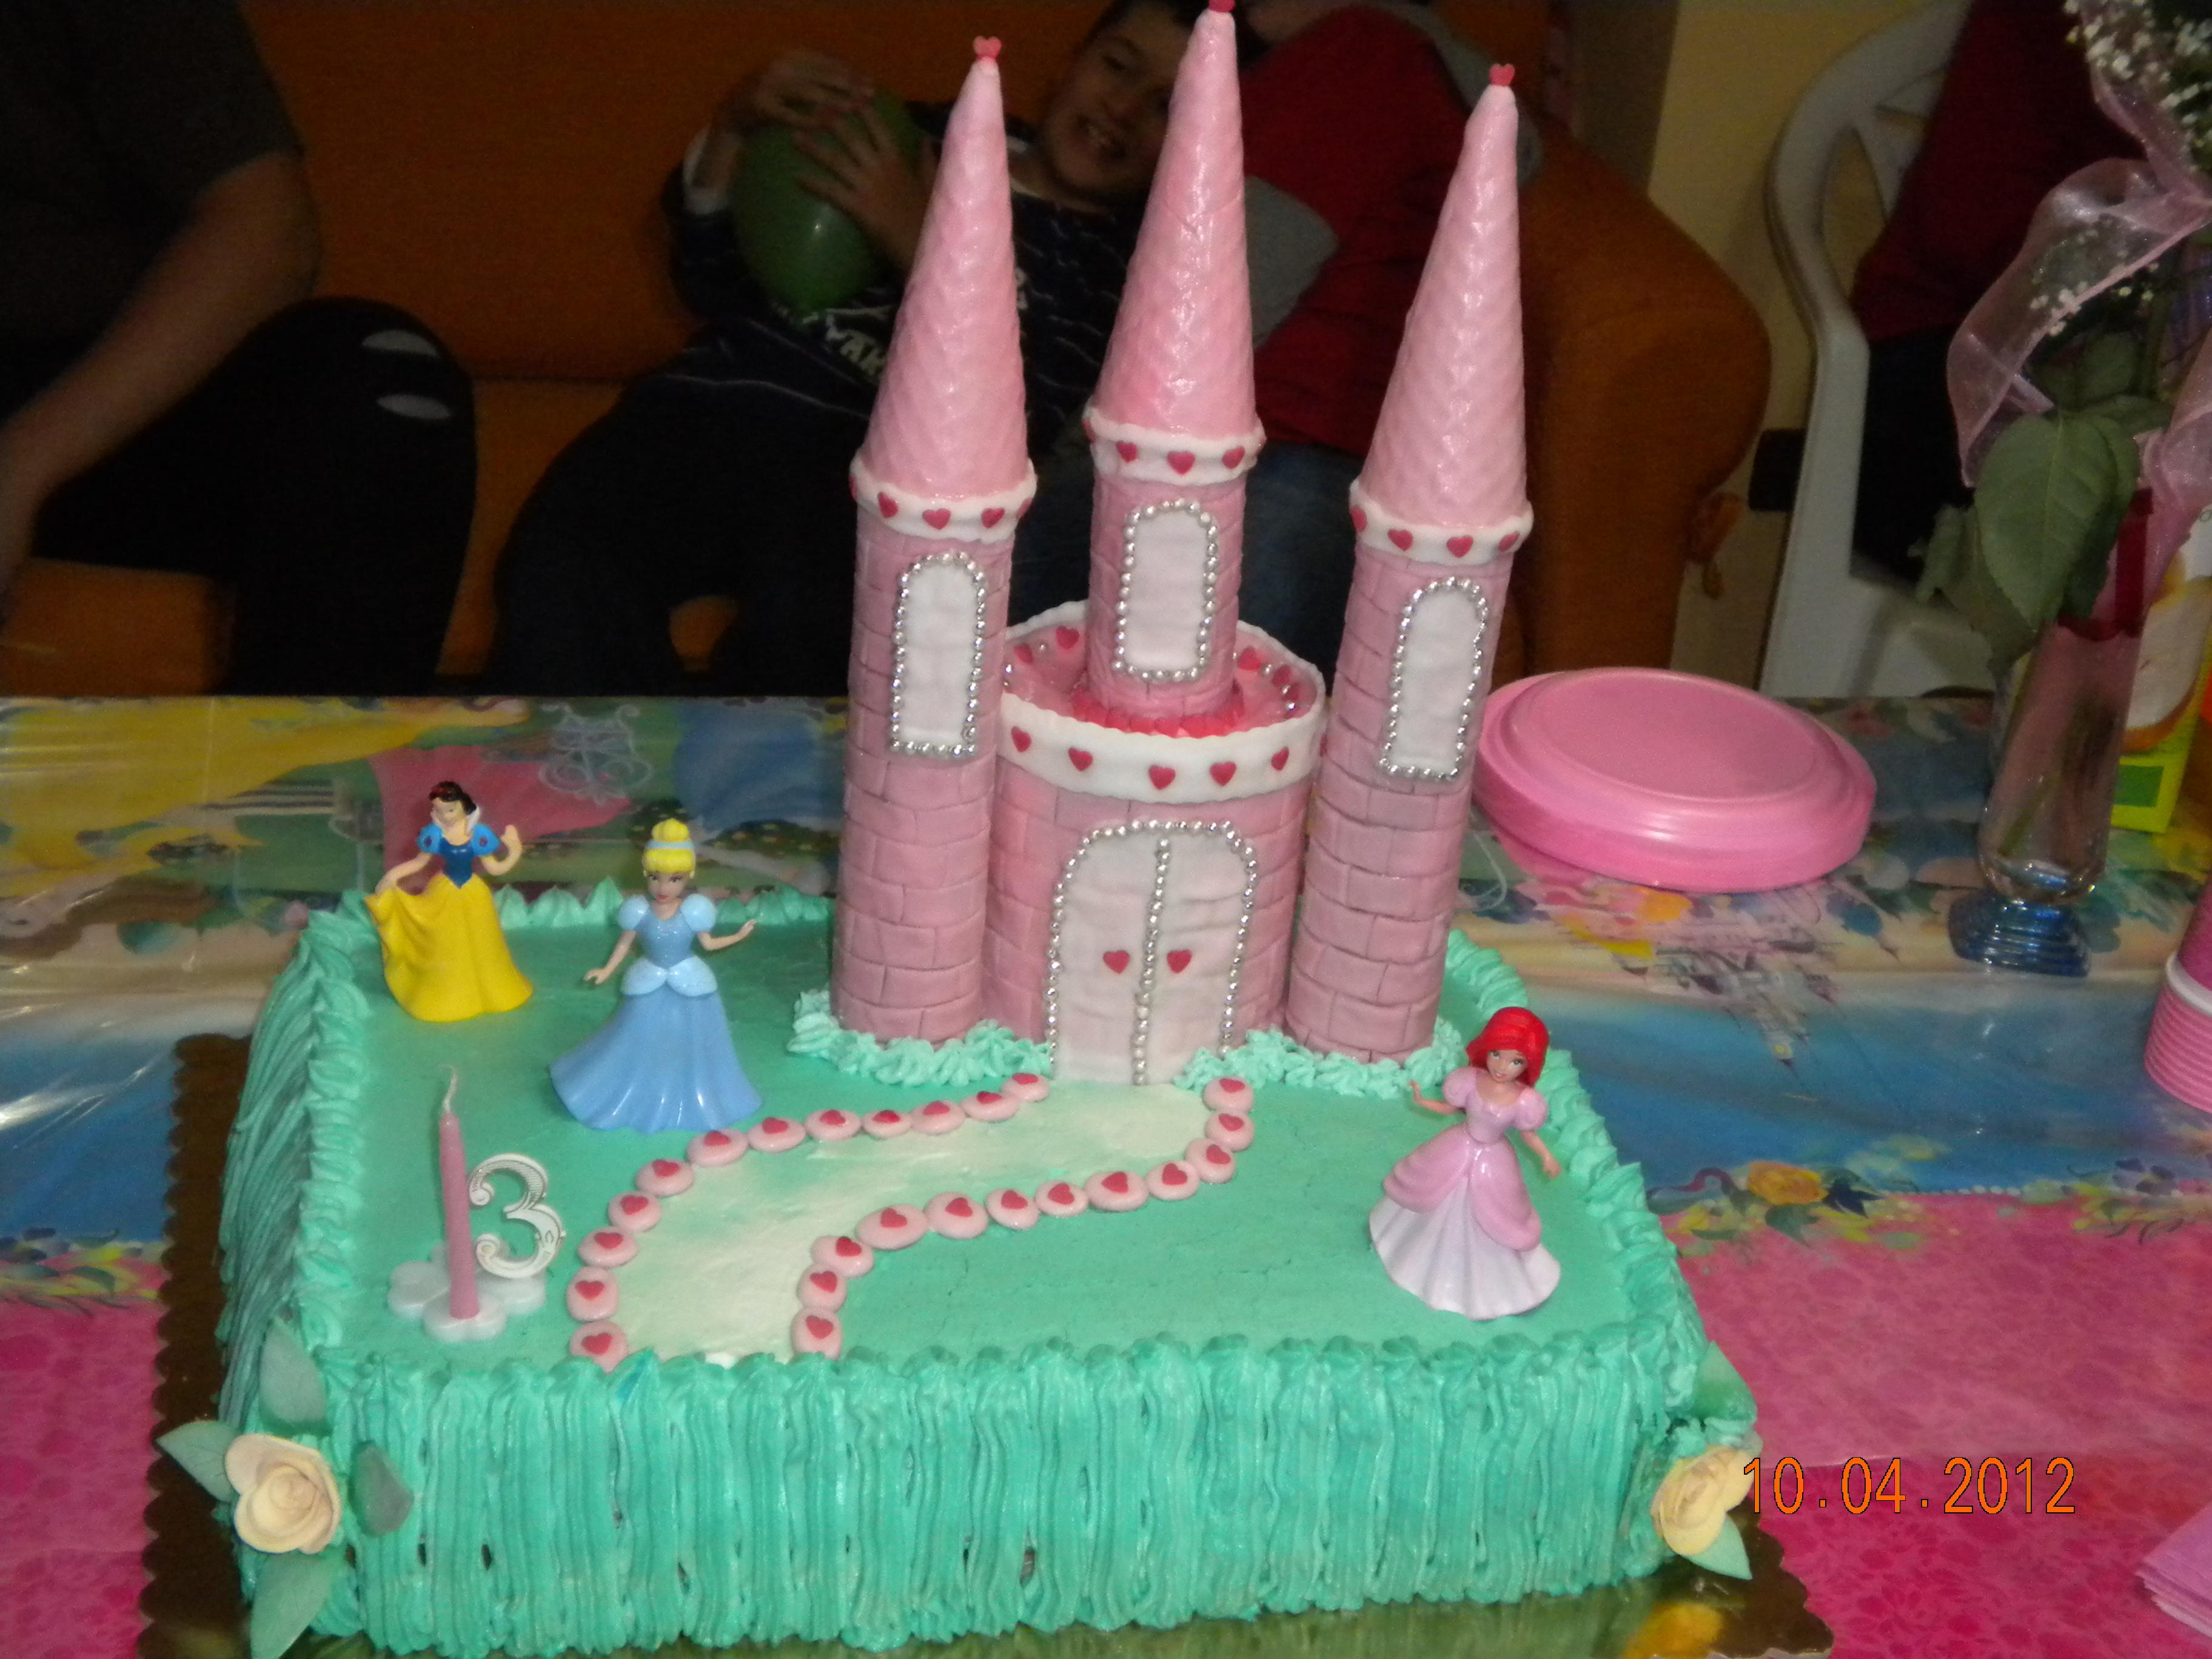 torte di principesse torta principesse : Torta Castello Delle Principesse Inserita Il 27 Maggio 2012 Alle 1530